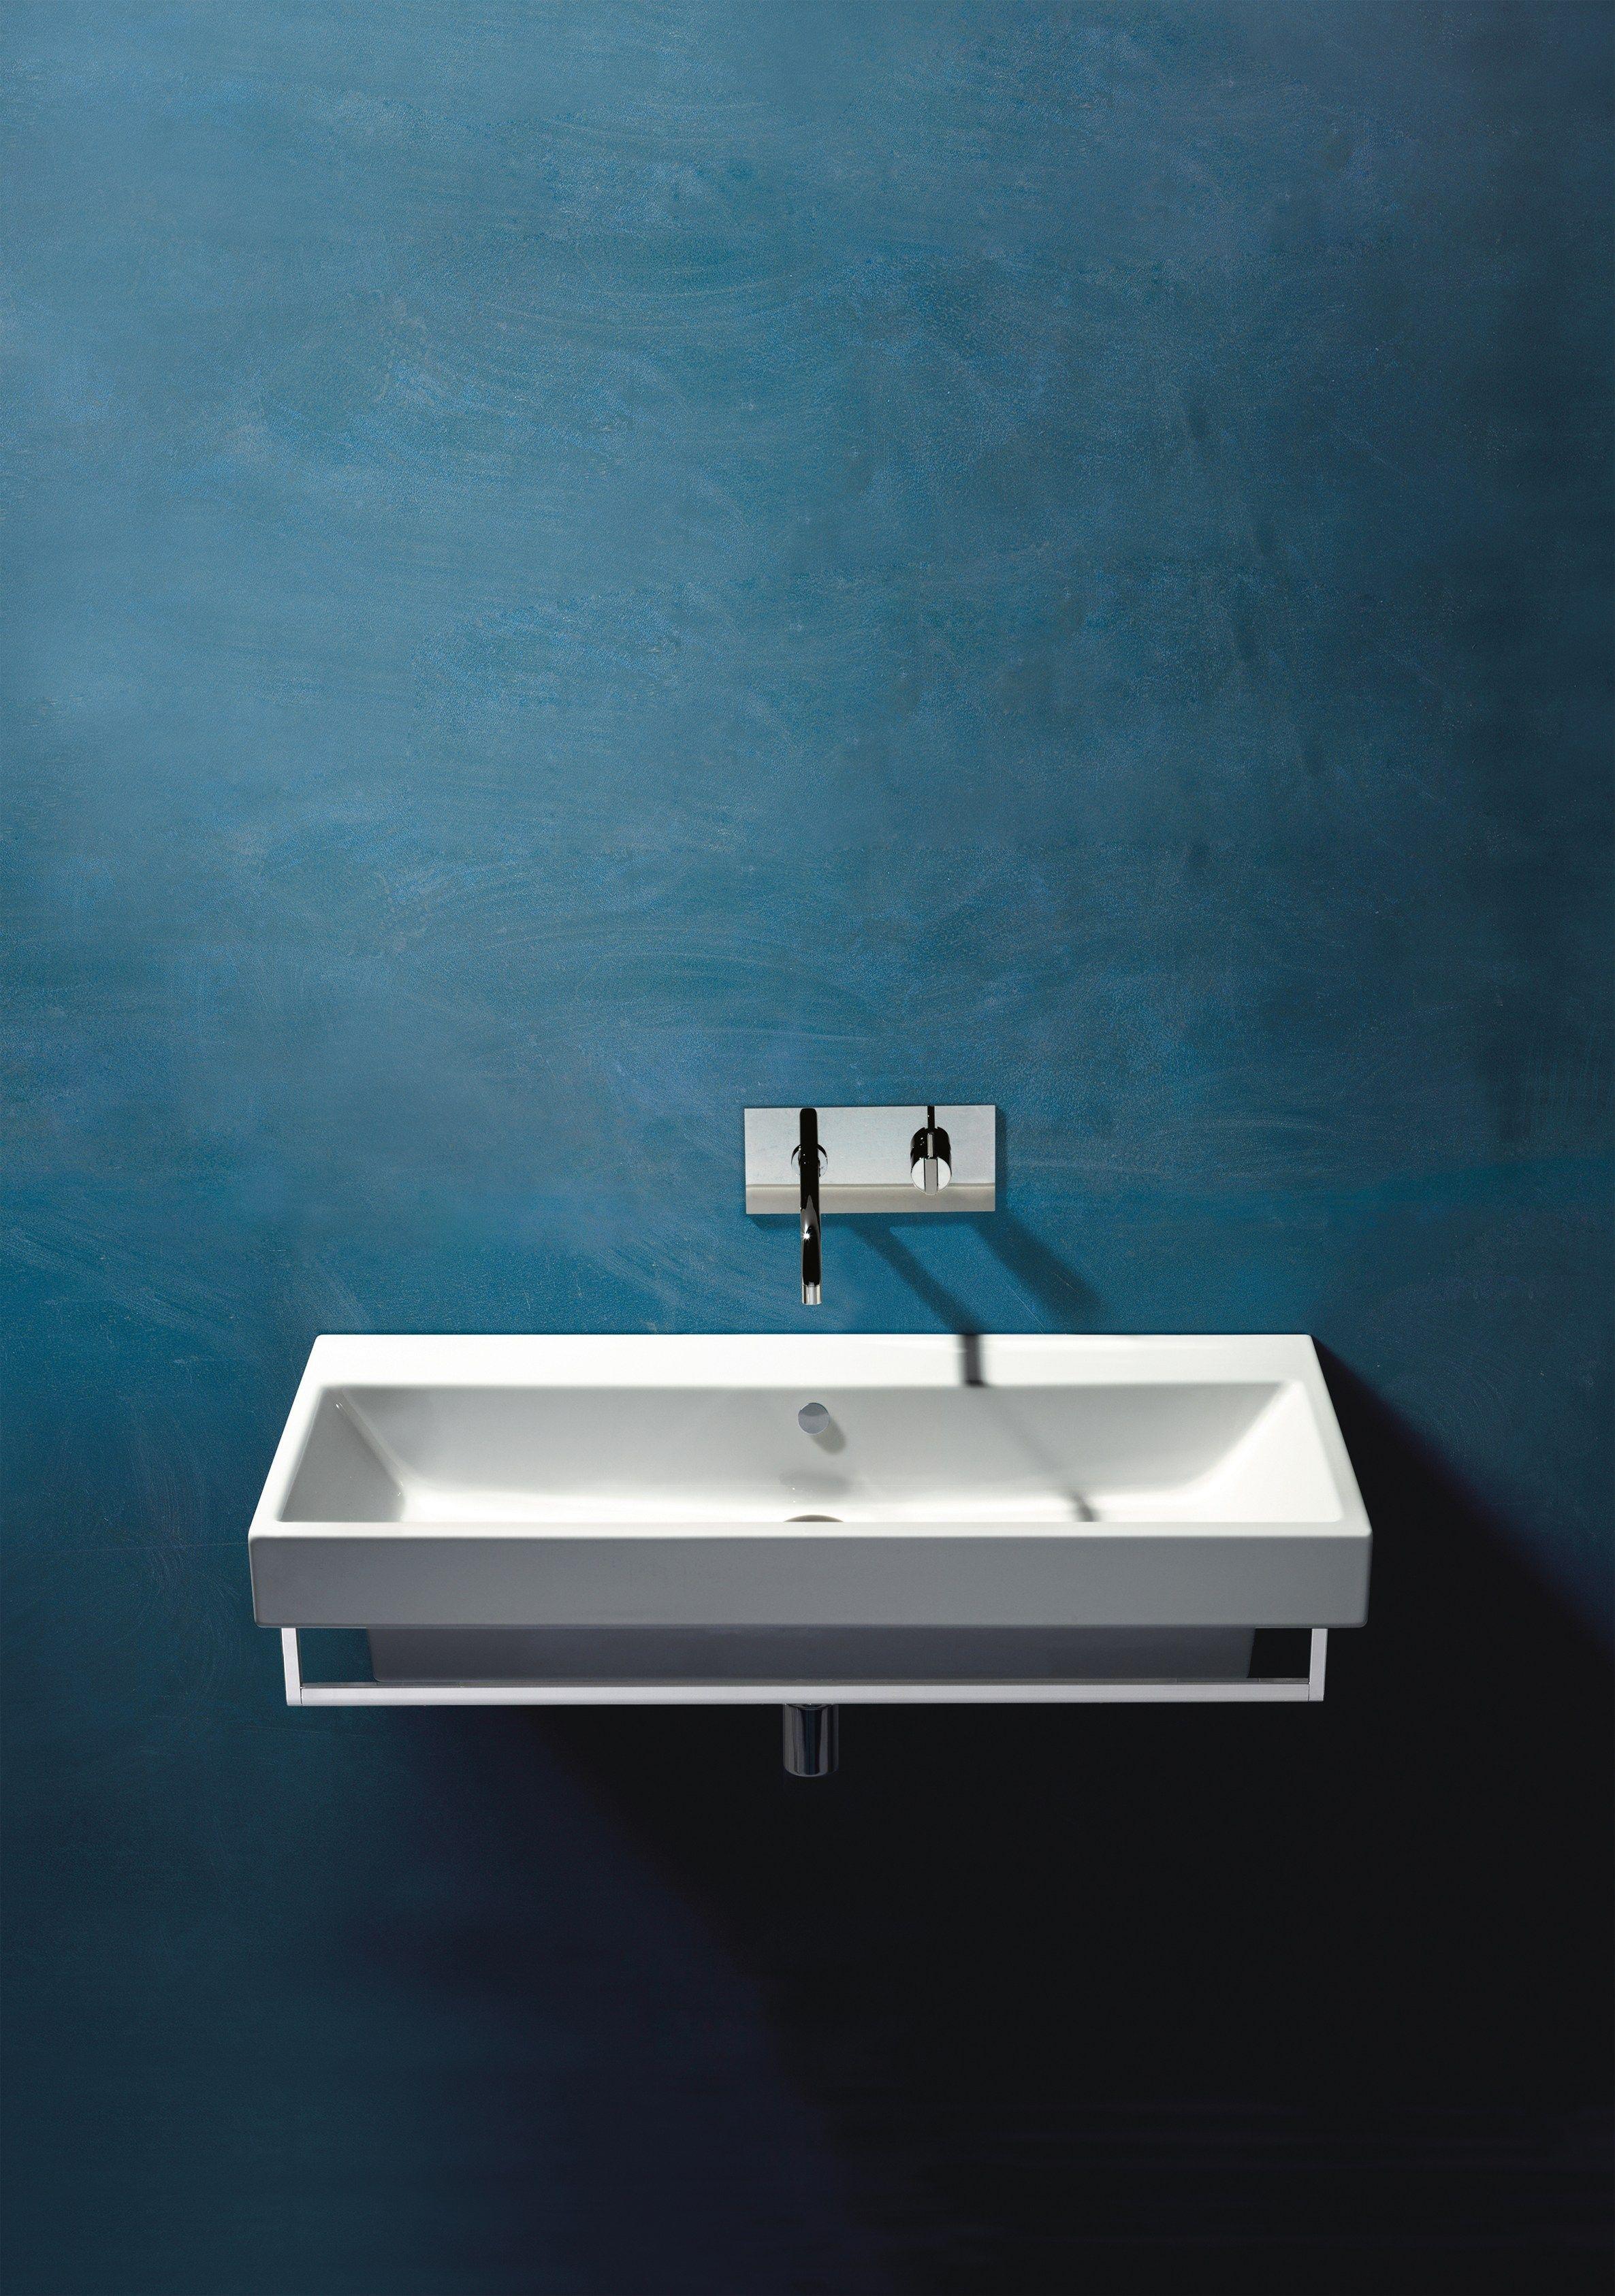 Bagno moderno doppio lavabo: mobile bagno posillipo doppio lavabo ...